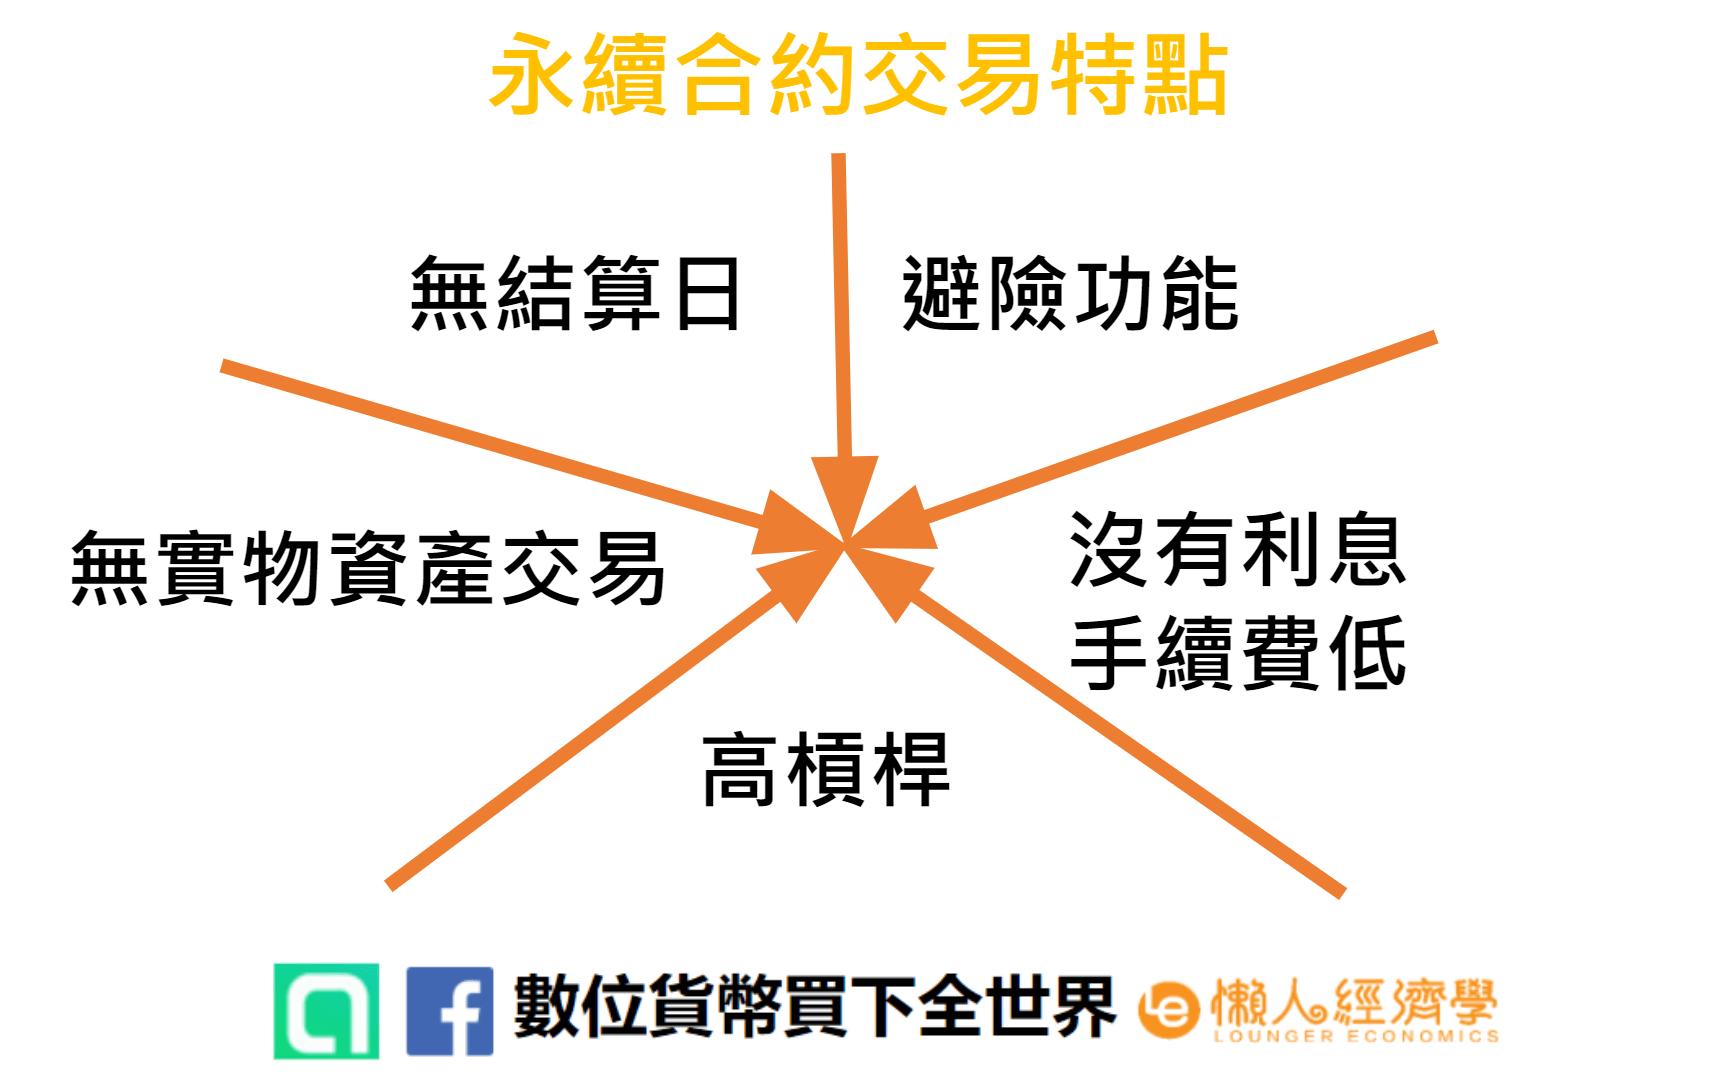 介紹永續合約交易的五大特點:無結算日、避險功能、高槓桿、無實物交易、無利息且低手續費